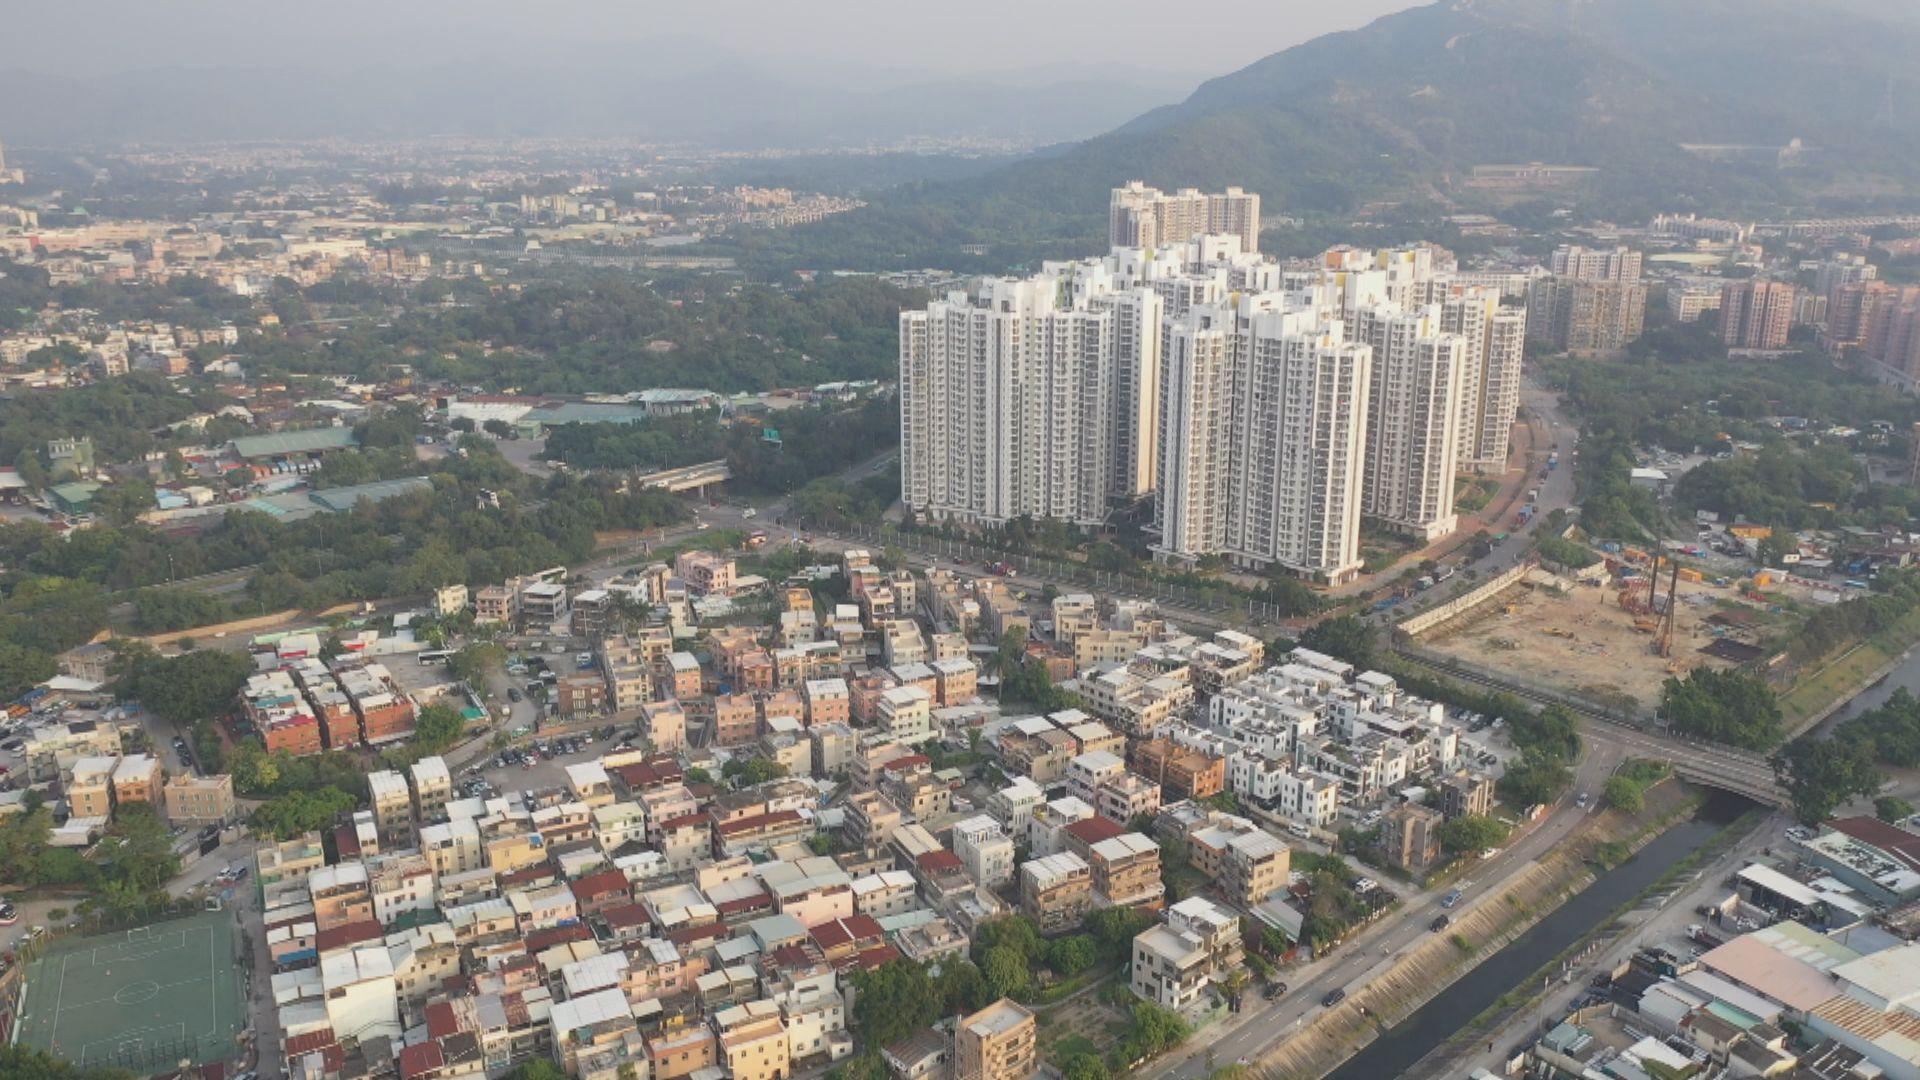 前海合作區擴大  學者倡建鐵路連接洪水橋及深圳